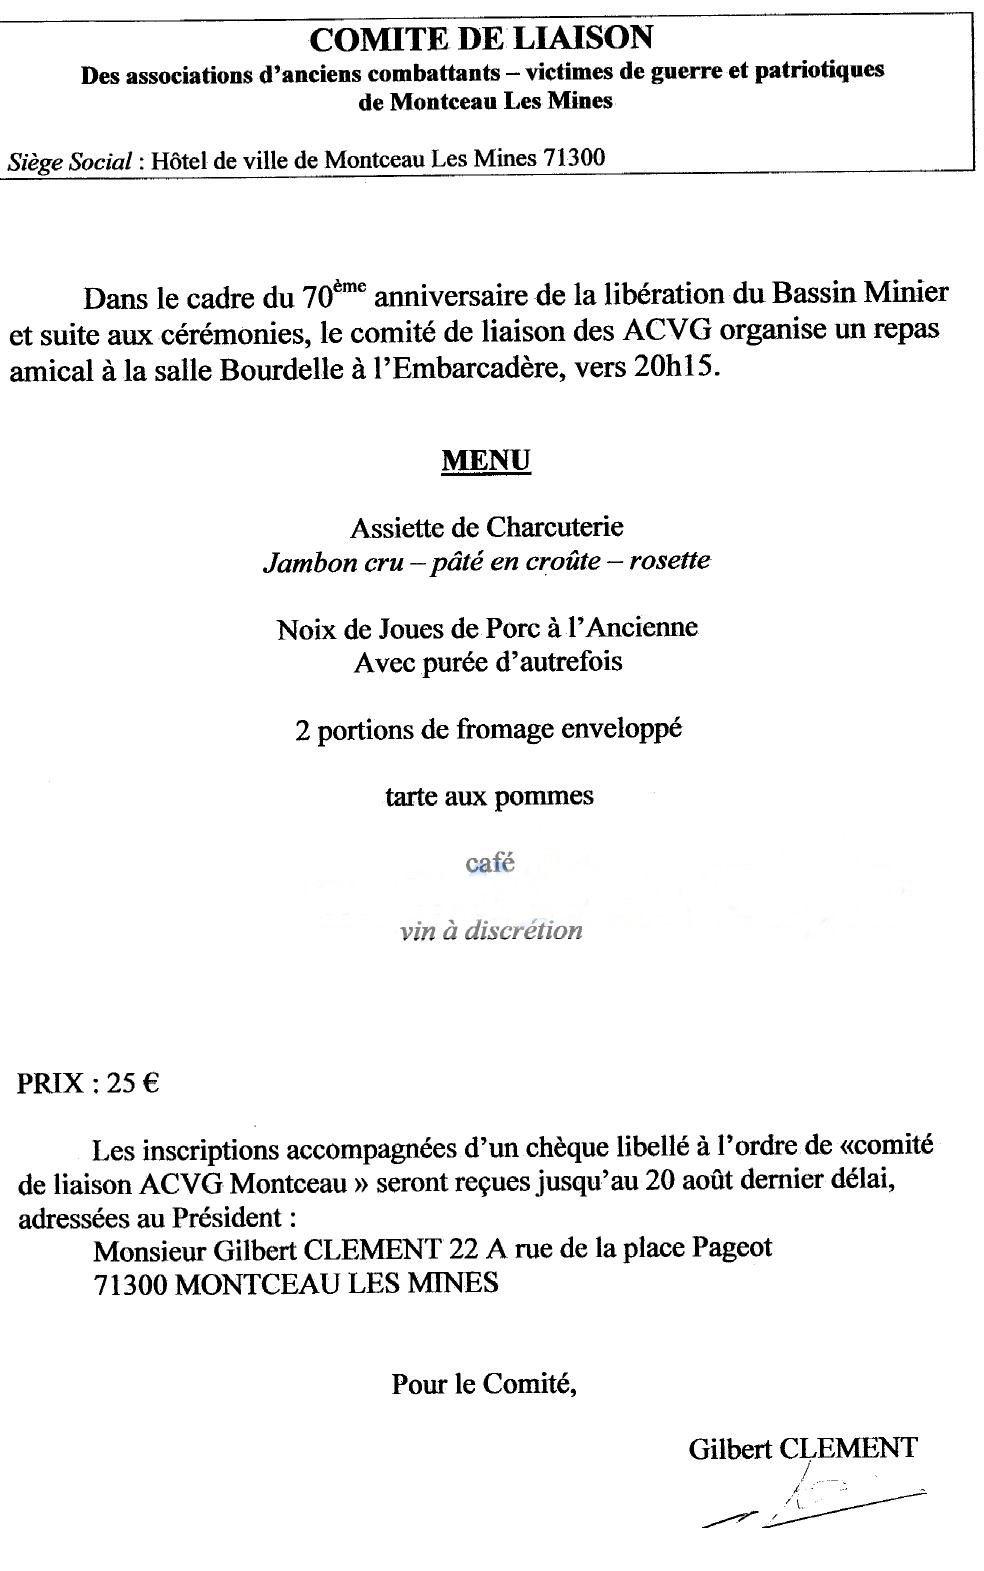 Un repas est organisé par le comité de liaison. Pour plus de renseignements, vous pouvez contacter Gilbert Clément pour l'organisation du repas au 0385580123.